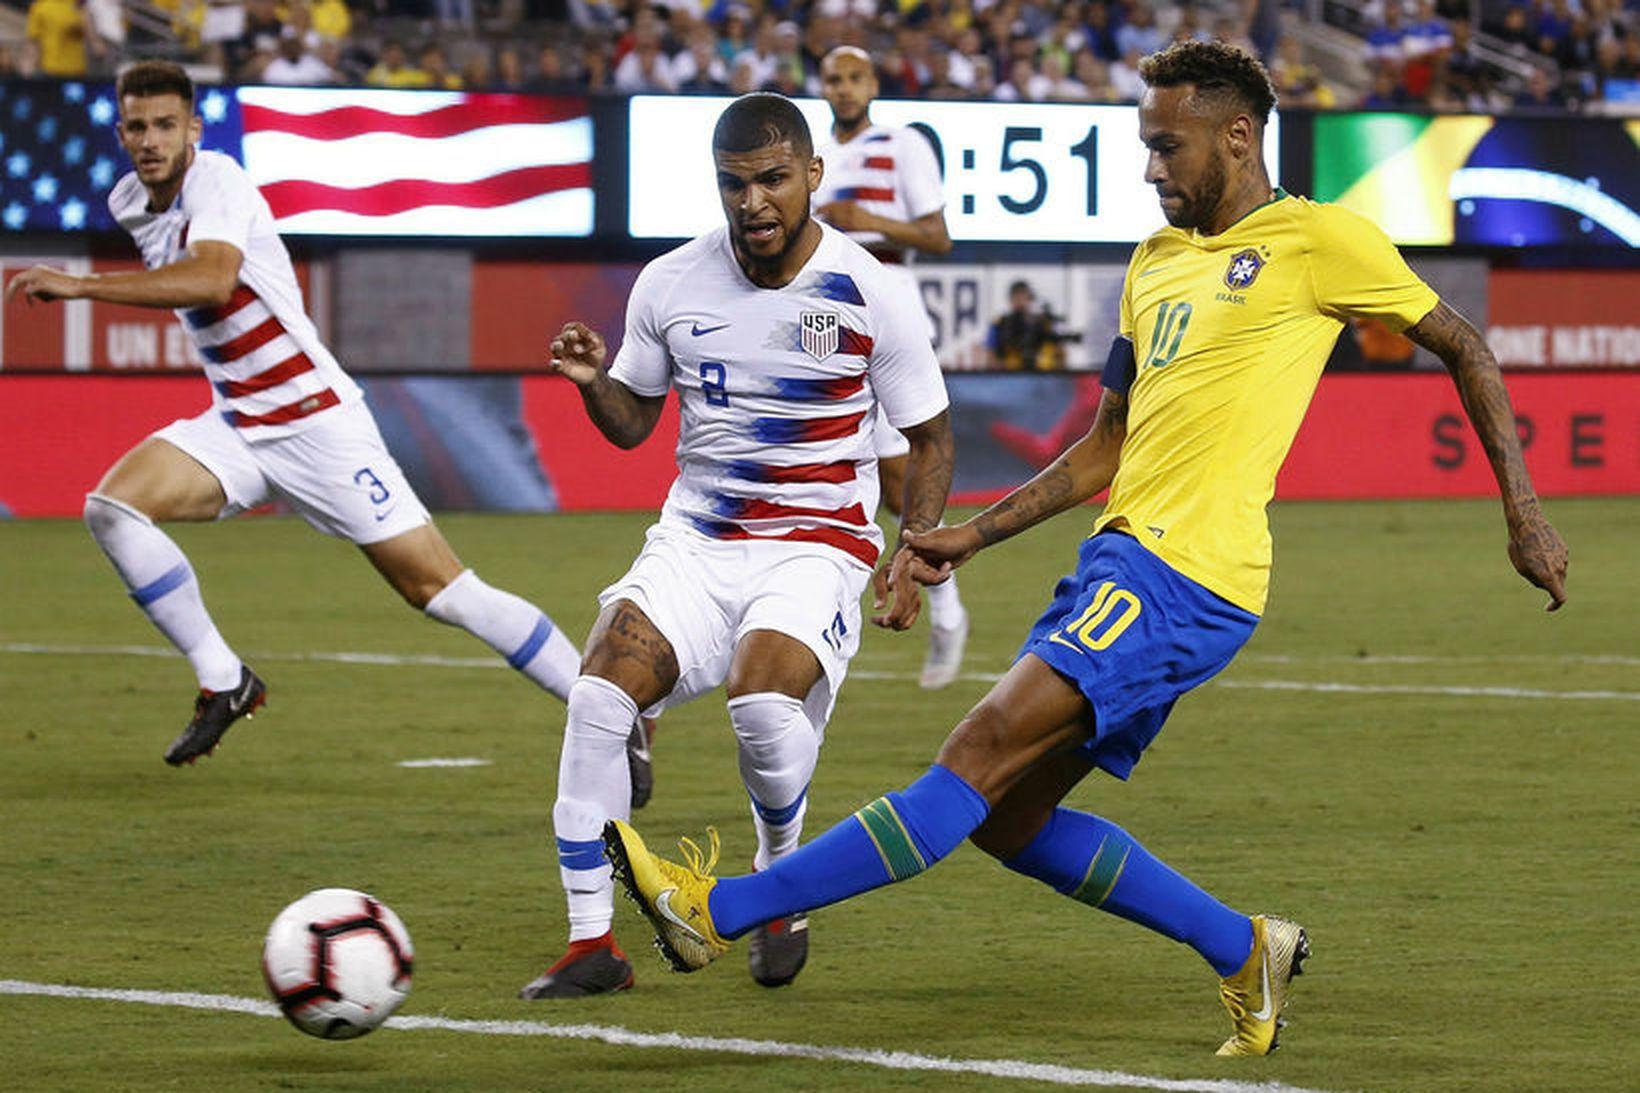 Bandaríkjamaðurinn DeAndre Yedlin sækir að Neymar í landsleik gegn Brasilíu.